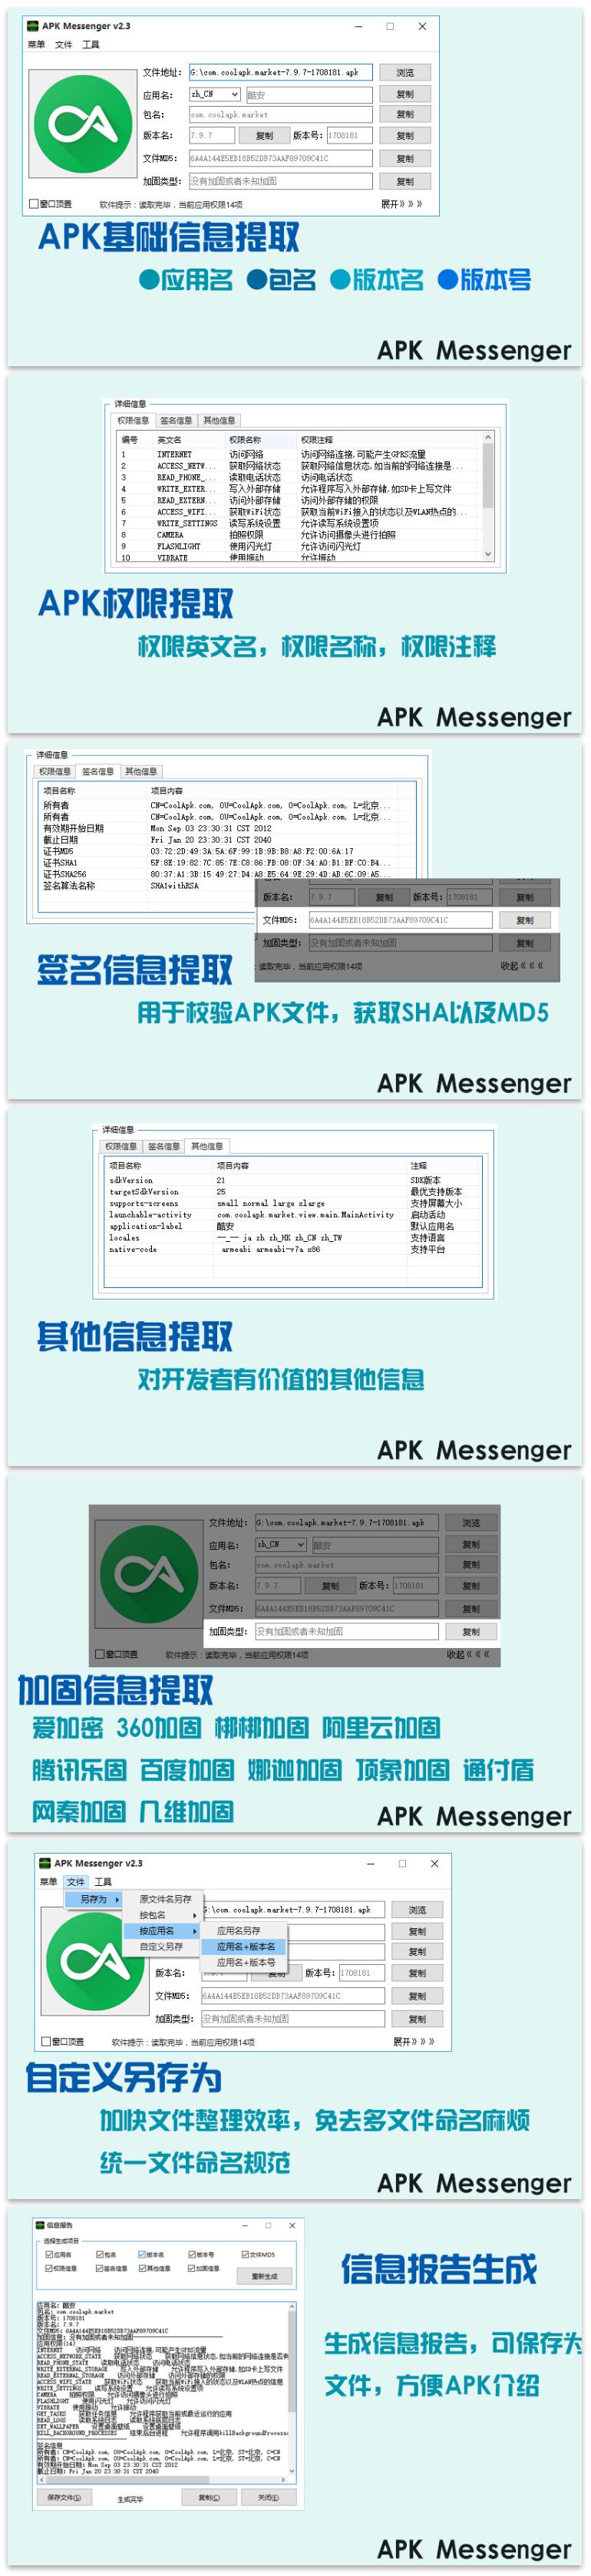 APK Messenger 3.0 电脑查看APK信息利器